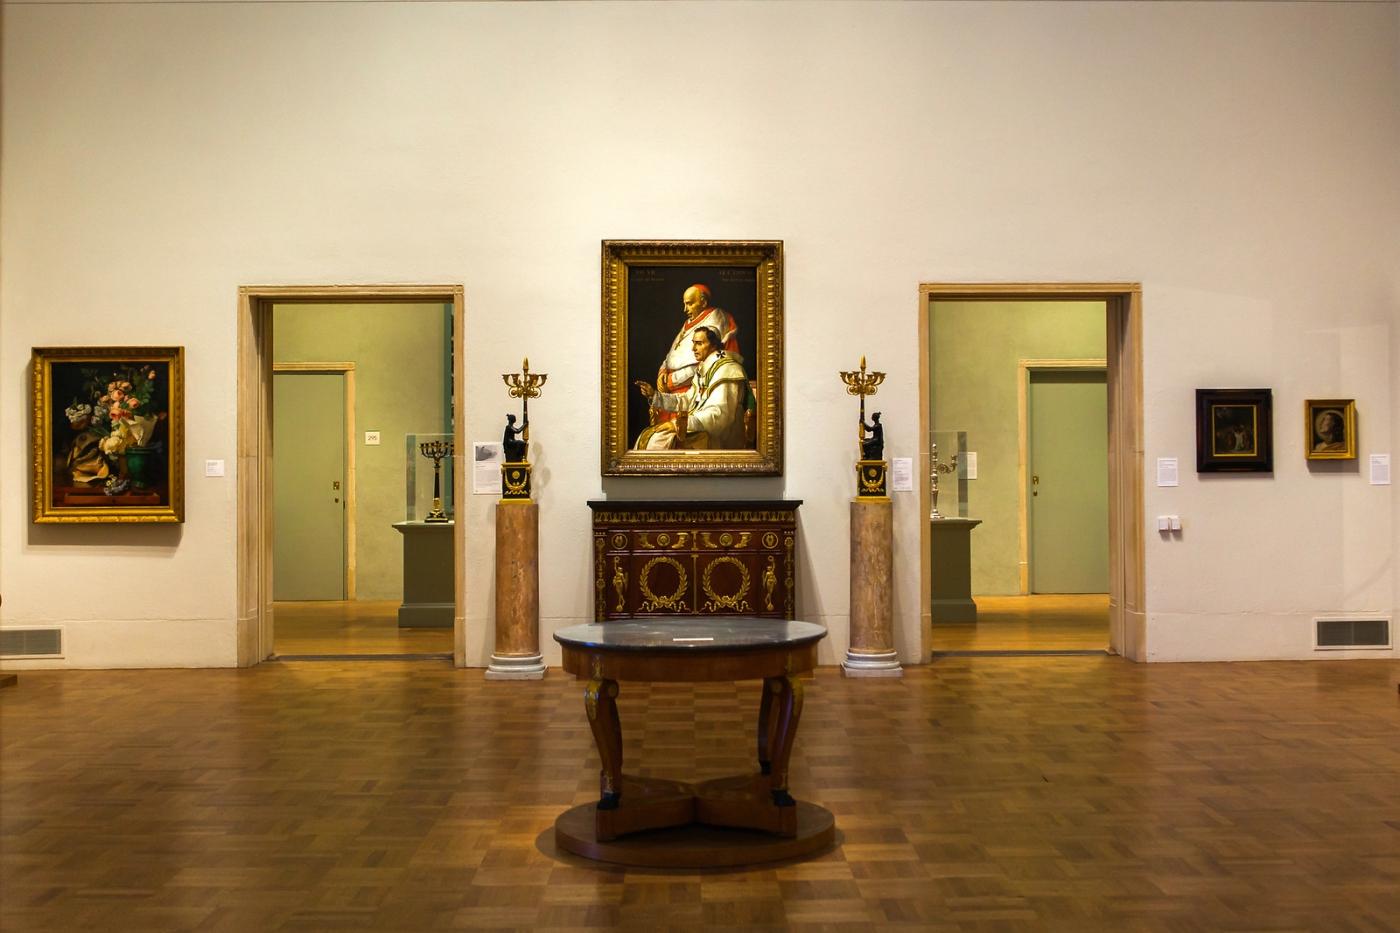 费城艺术博物馆,看展品布局_图1-1